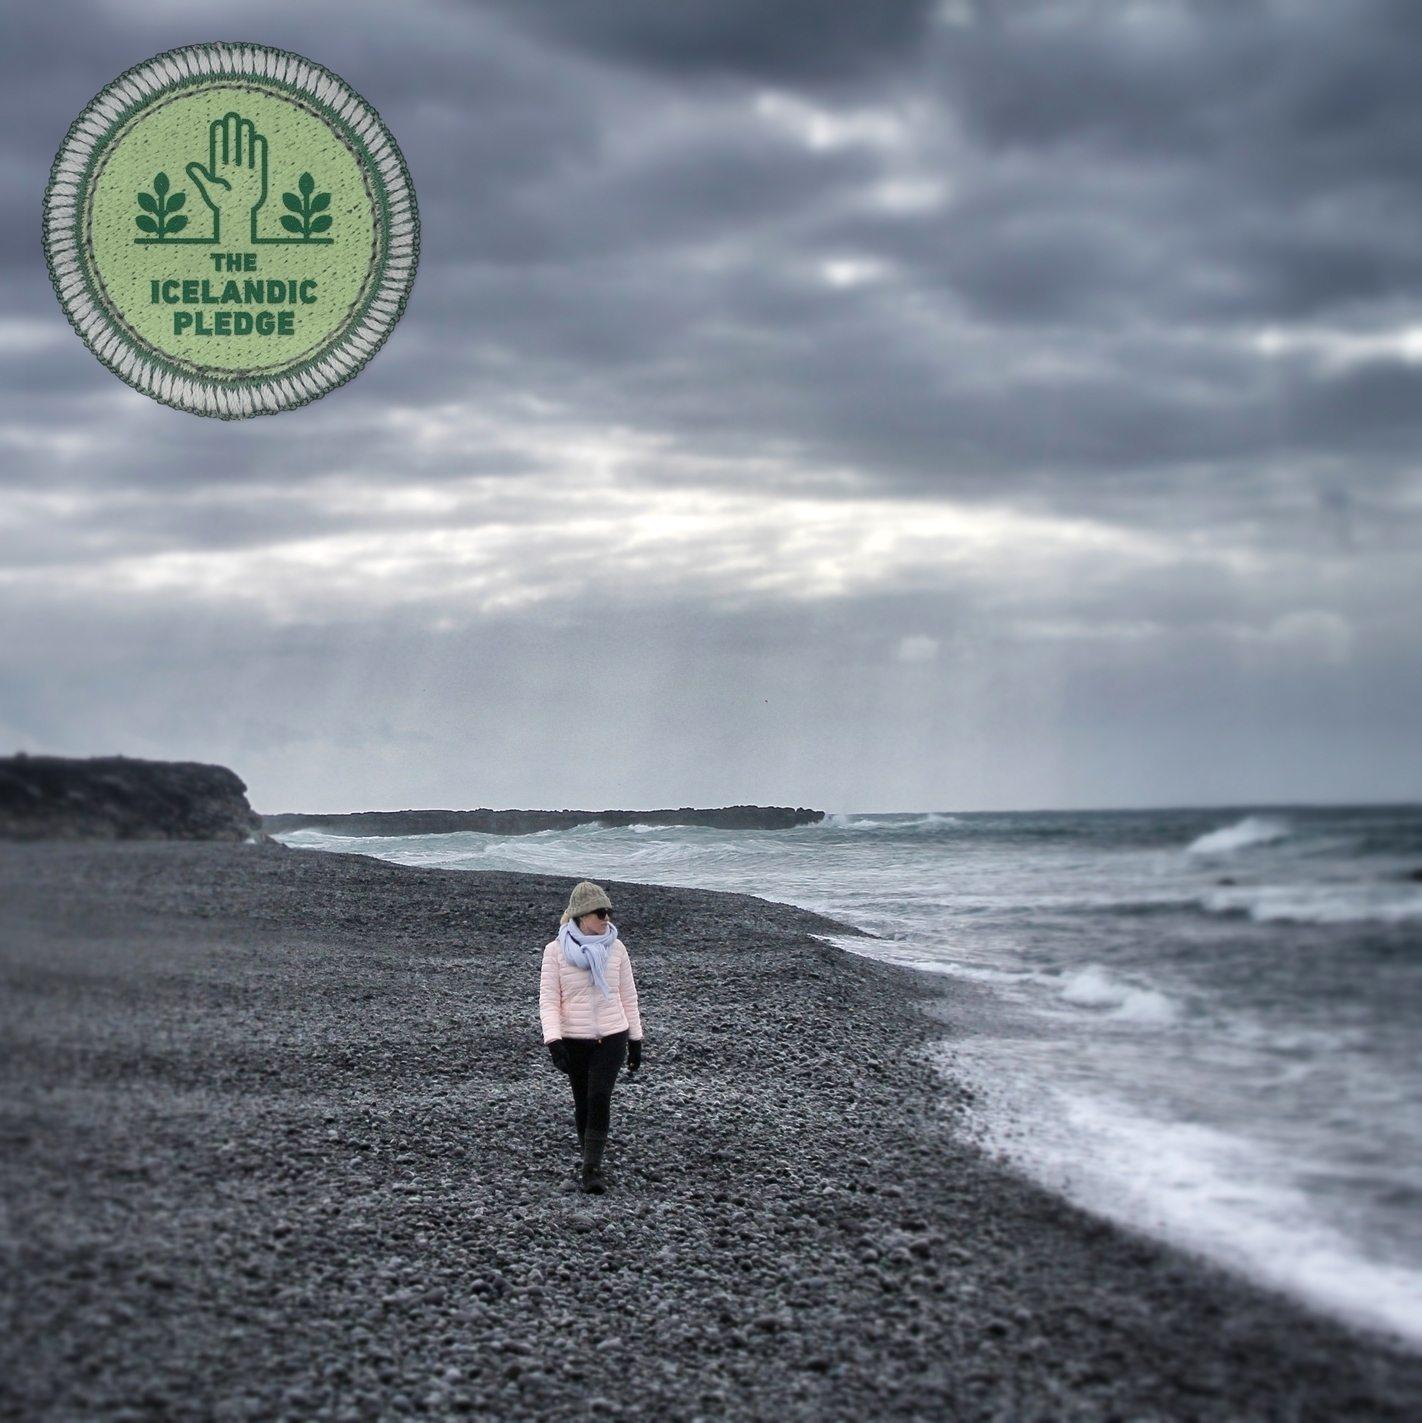 Icelandic pledge l 39 islande souhaite que vous vous engagiez en faveur du tourisme durable - Office de tourisme islande ...